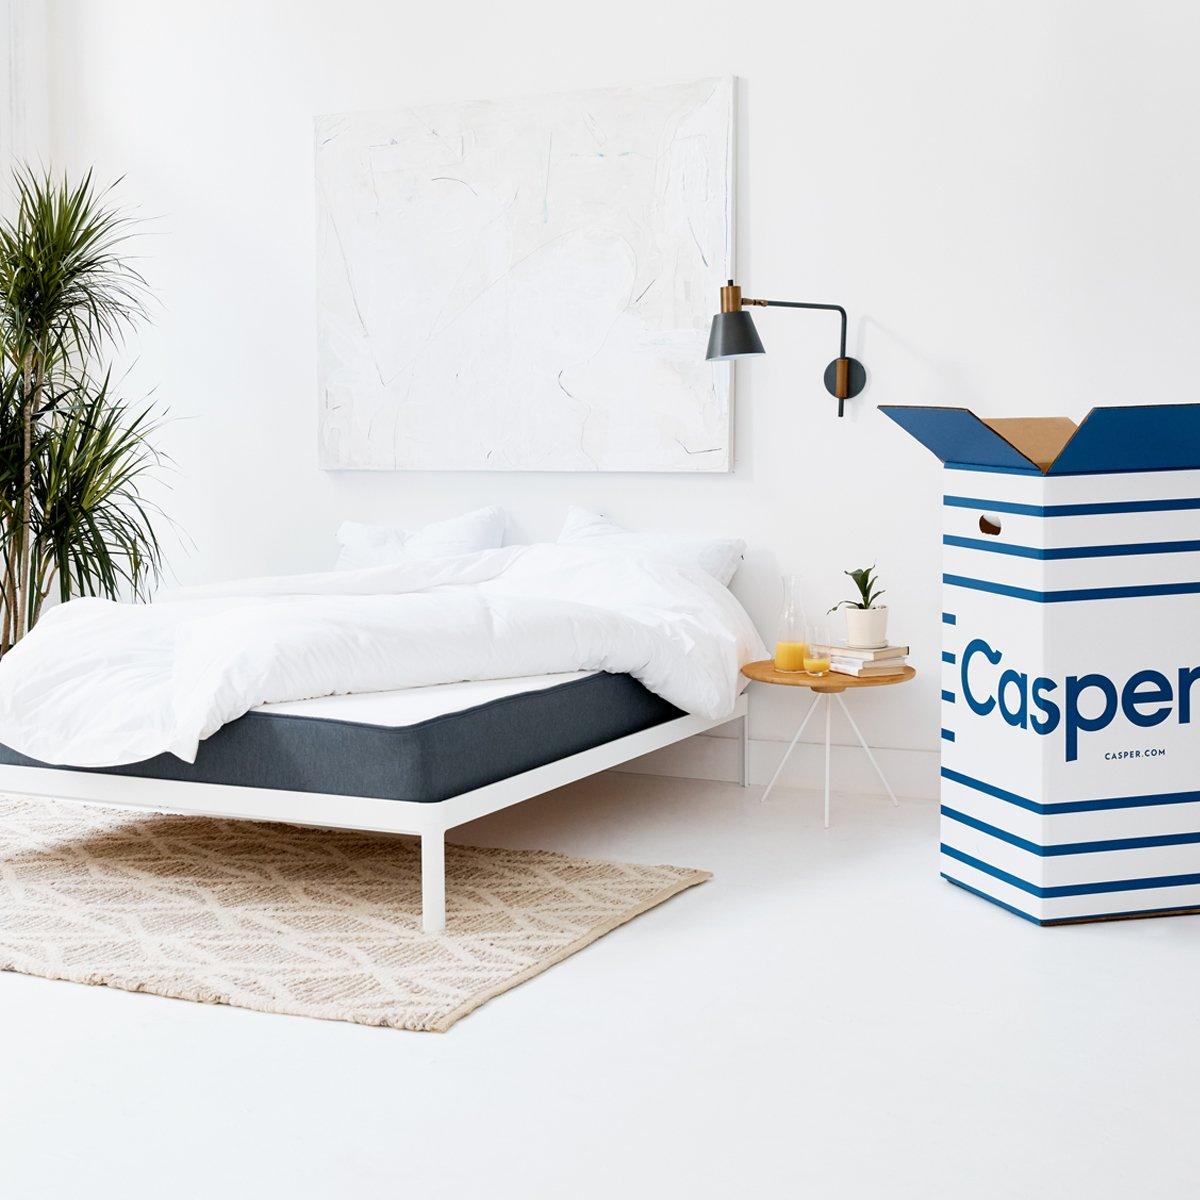 Casper Uk Casperuk Twitter